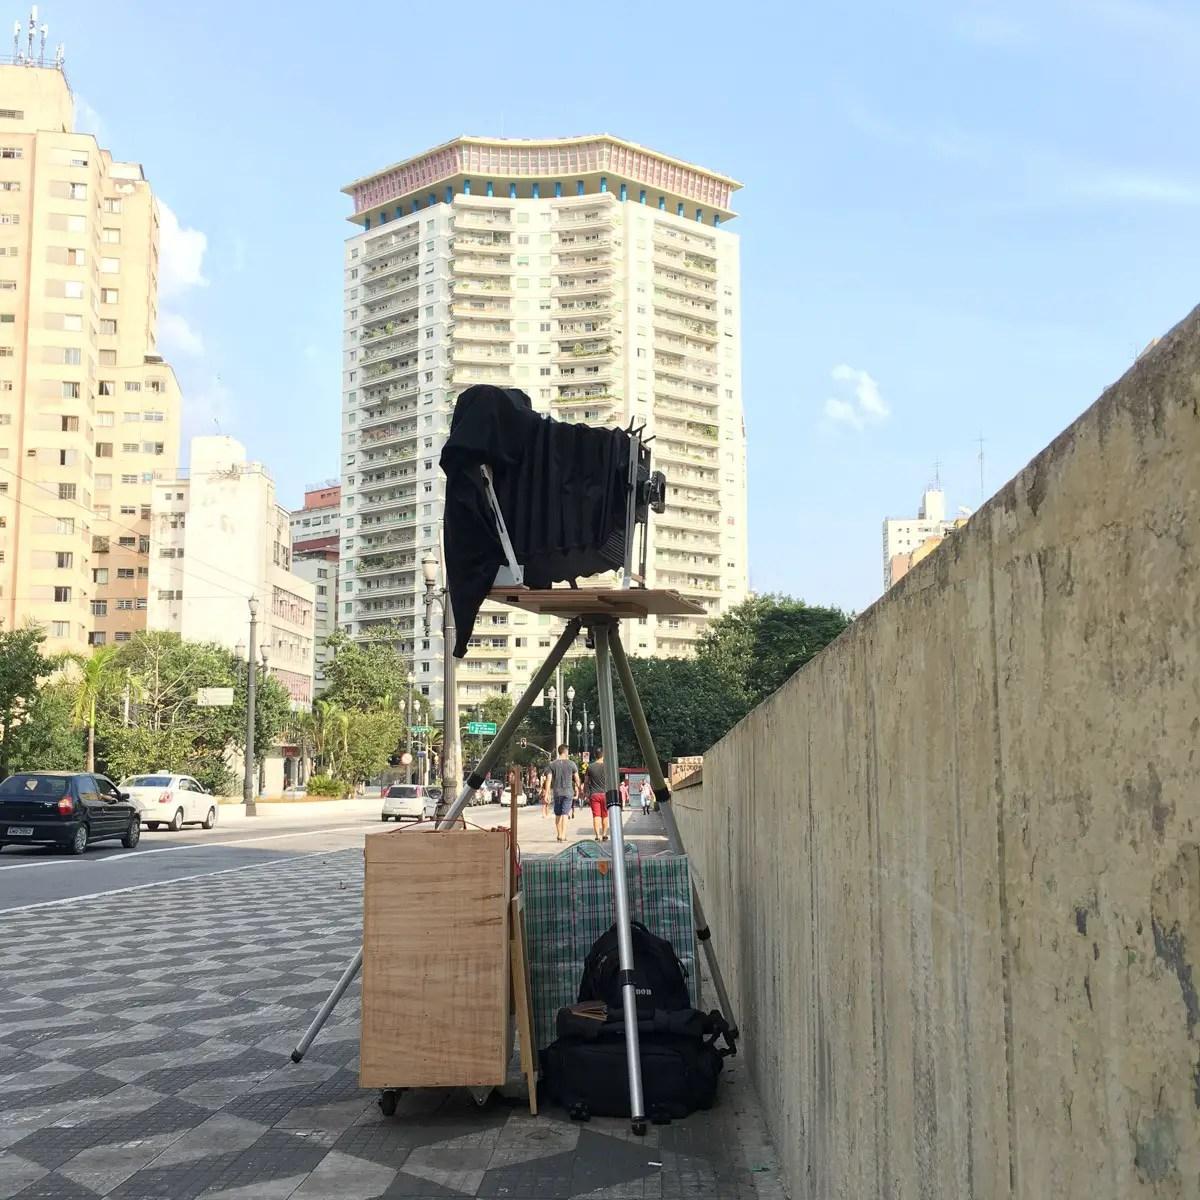 Camera setup to photograph Avenida 9 de Julho in São Paulo.